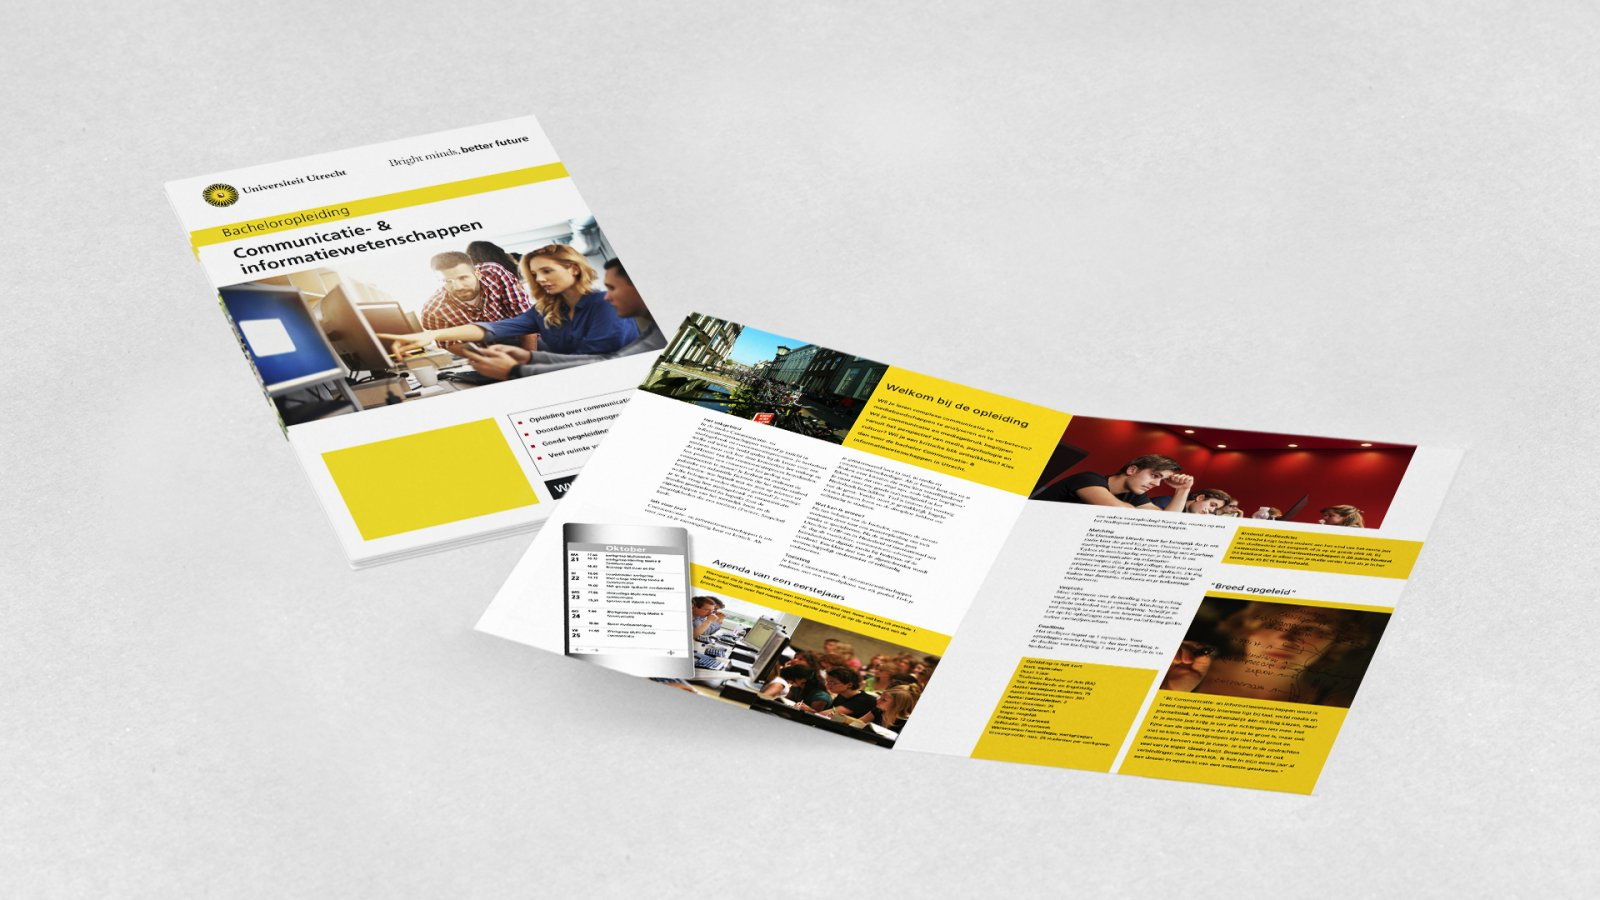 Opleidingsbrochure Communicatie en Informtiewetenschappen